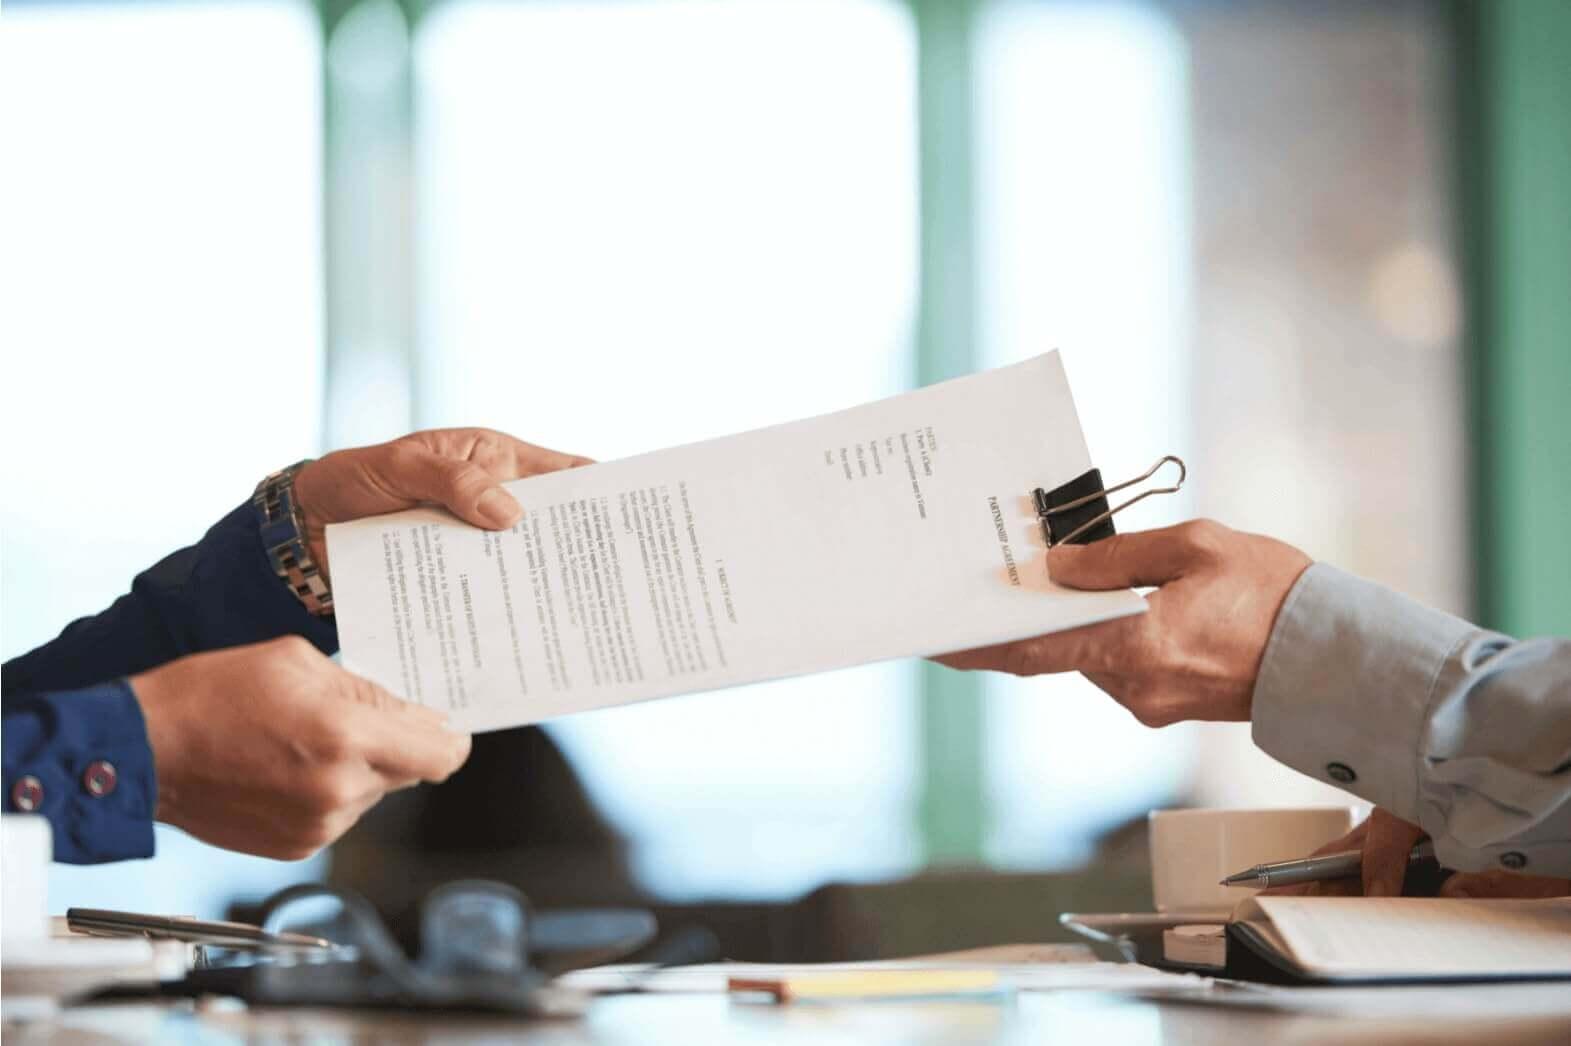 Neka bude crno na bijelo – najvažnije stvari koje morate znati o sastavljanju ugovora